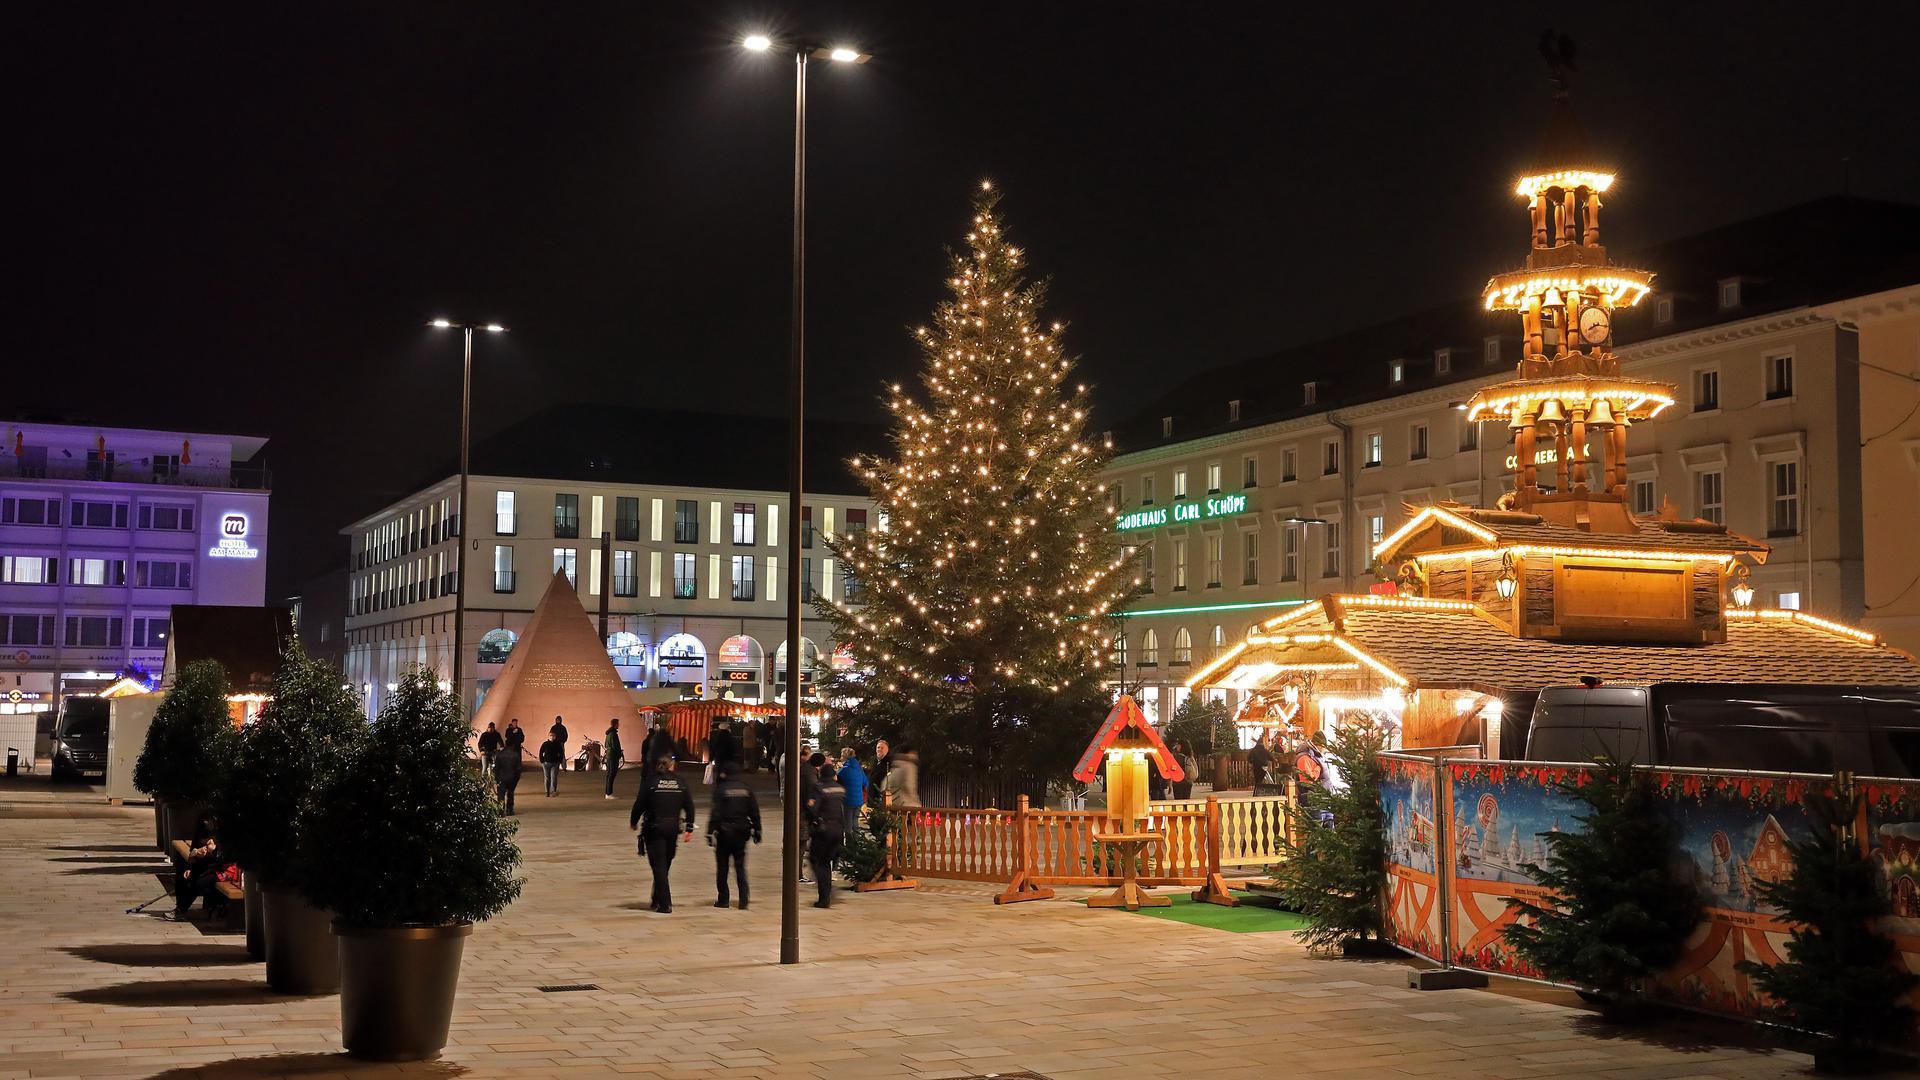 Weihnachtsmarkt auf Abstand: Auf dem Marktplatz stehen rund um den großen Christbaum nur wenige Buden.